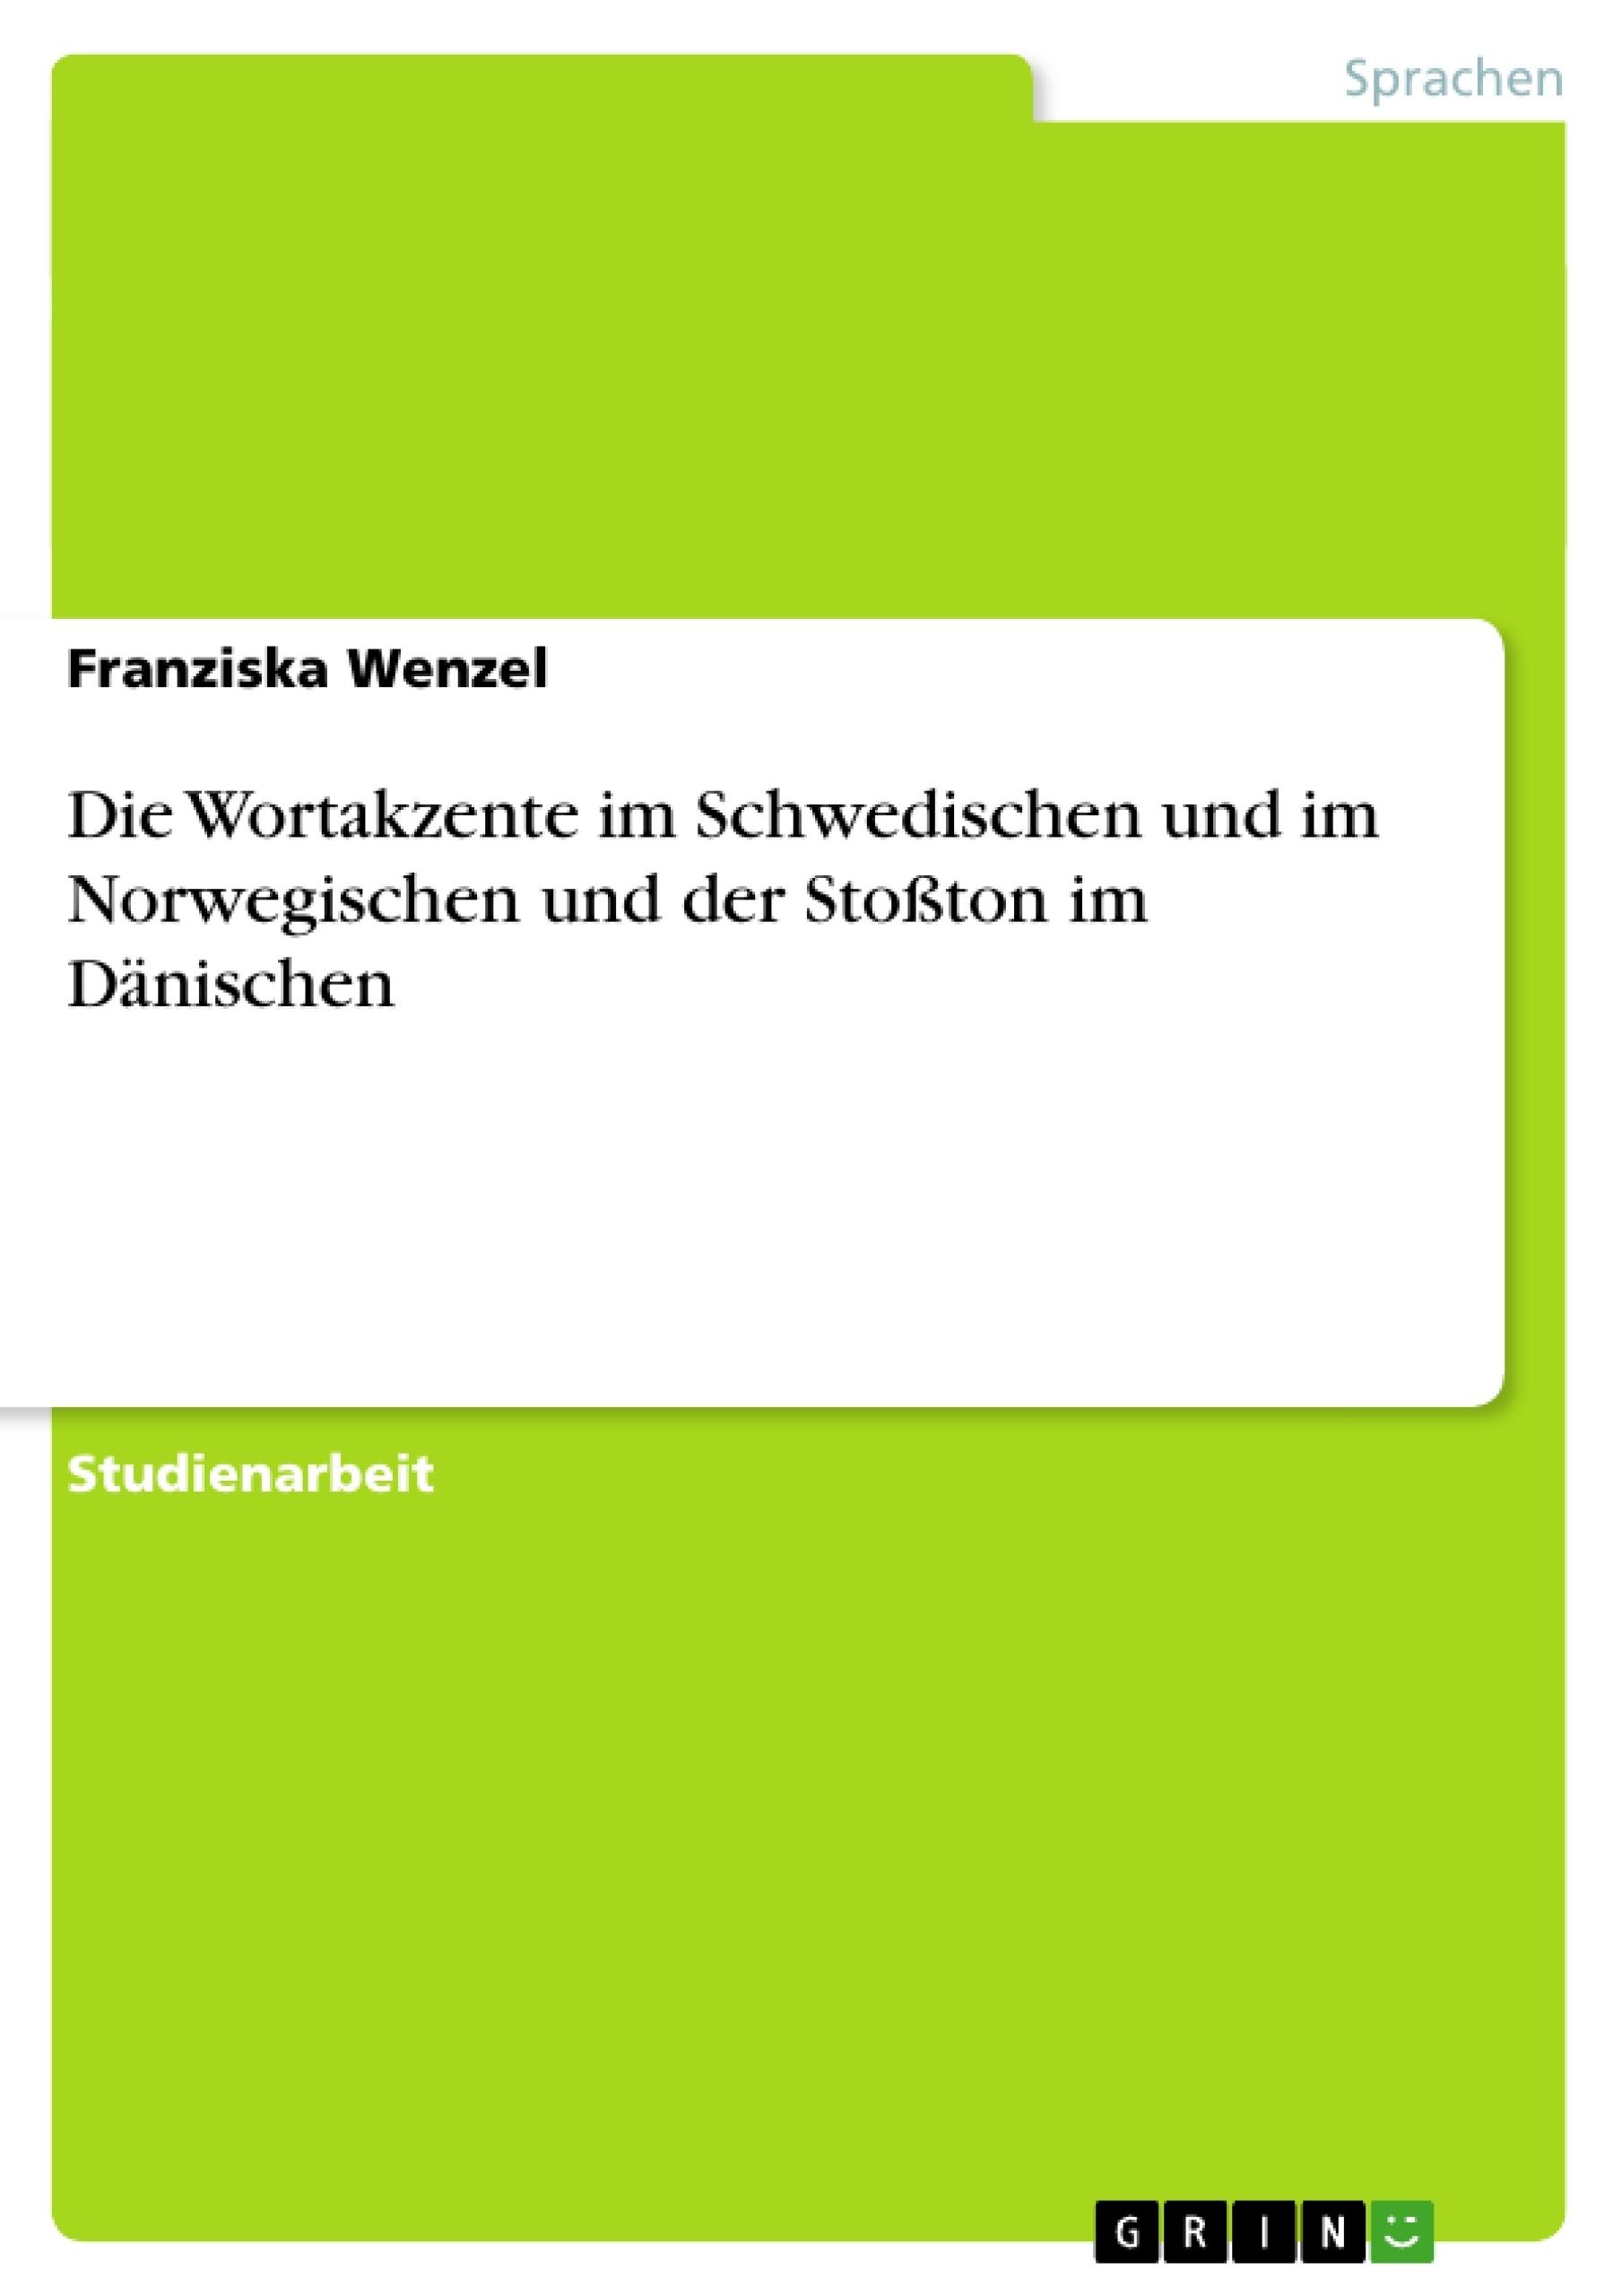 Titel: Die Wortakzente im Schwedischen und im Norwegischen und der Stoßton im Dänischen